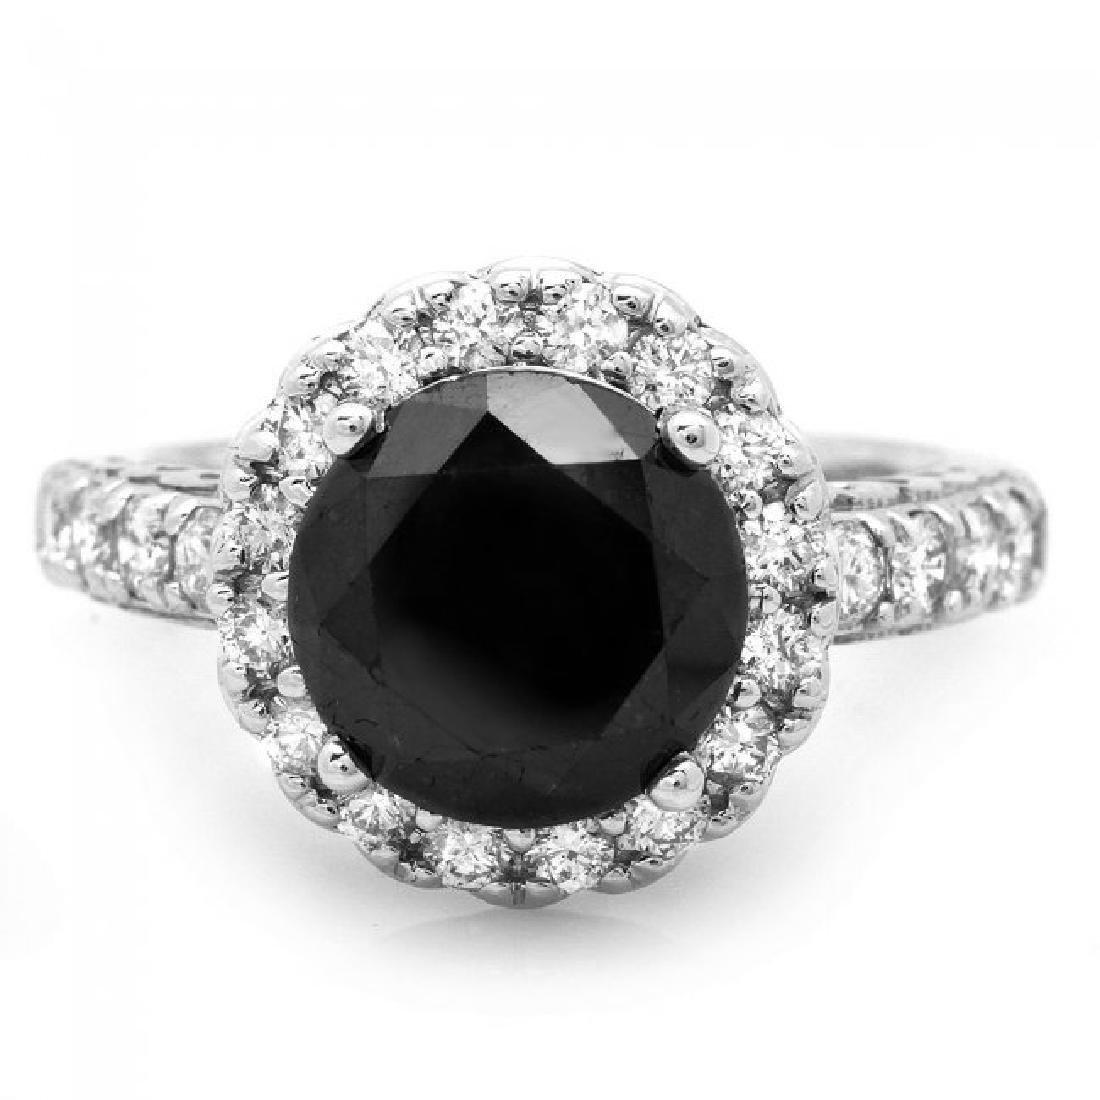 14k White Gold 4.35ct Diamond Ring - 2